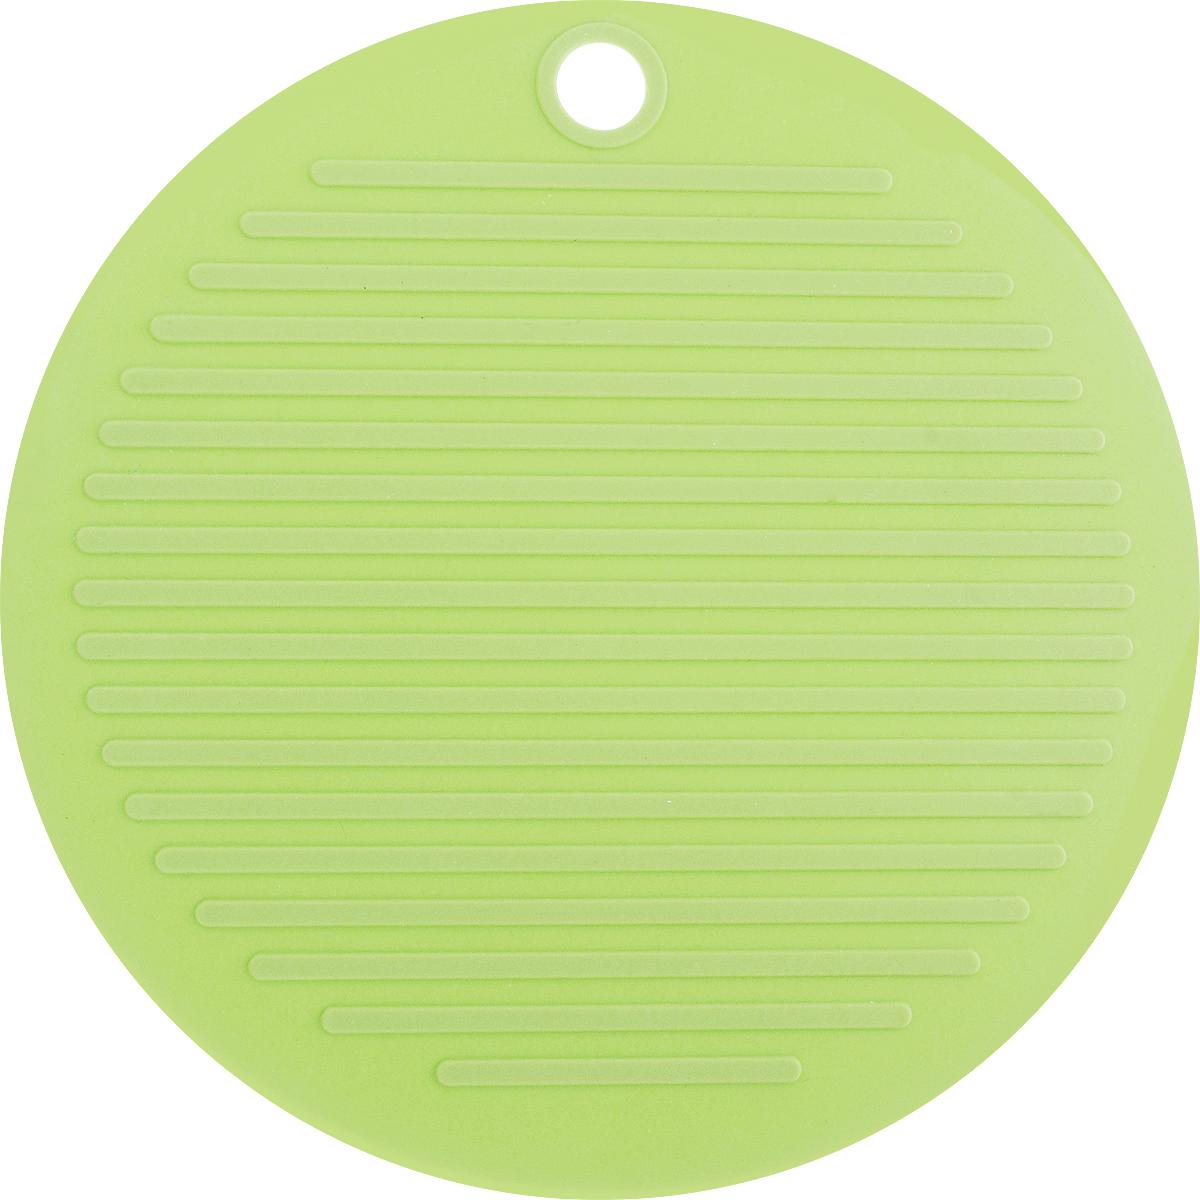 Подставка под горячее Tescoma Fusion, цвет: зеленый, диаметр 20 см638480Подставка под горячее Tescoma Fusion изготовлена из первоклассного жароупорного силикона и оснащена специальным отверстием для подвешивания. Материал позволяет выдерживать высокие температуры (до 230°С) и не скользит по поверхности стола. Каждая хозяйка знает, что подставка под горячее - это незаменимый и очень полезный аксессуар на каждой кухне. Ваш стол будет не только украшен яркой и оригинальной подставкой, но и сбережен от воздействия высоких температур. Диаметр подставки: 20 см.